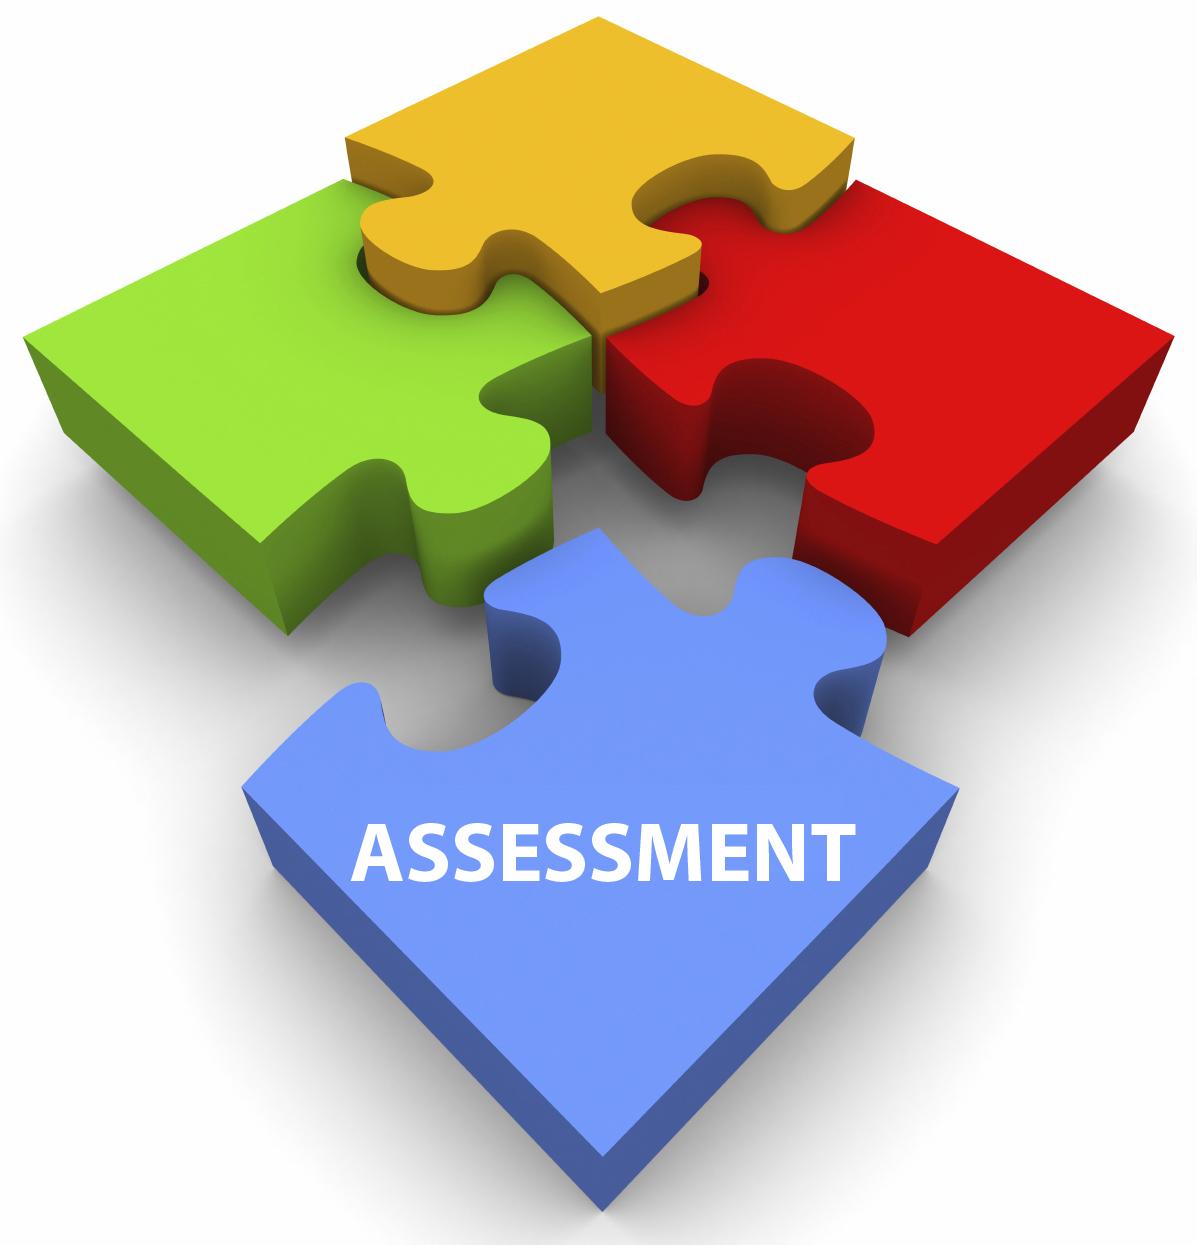 Assessment 00006